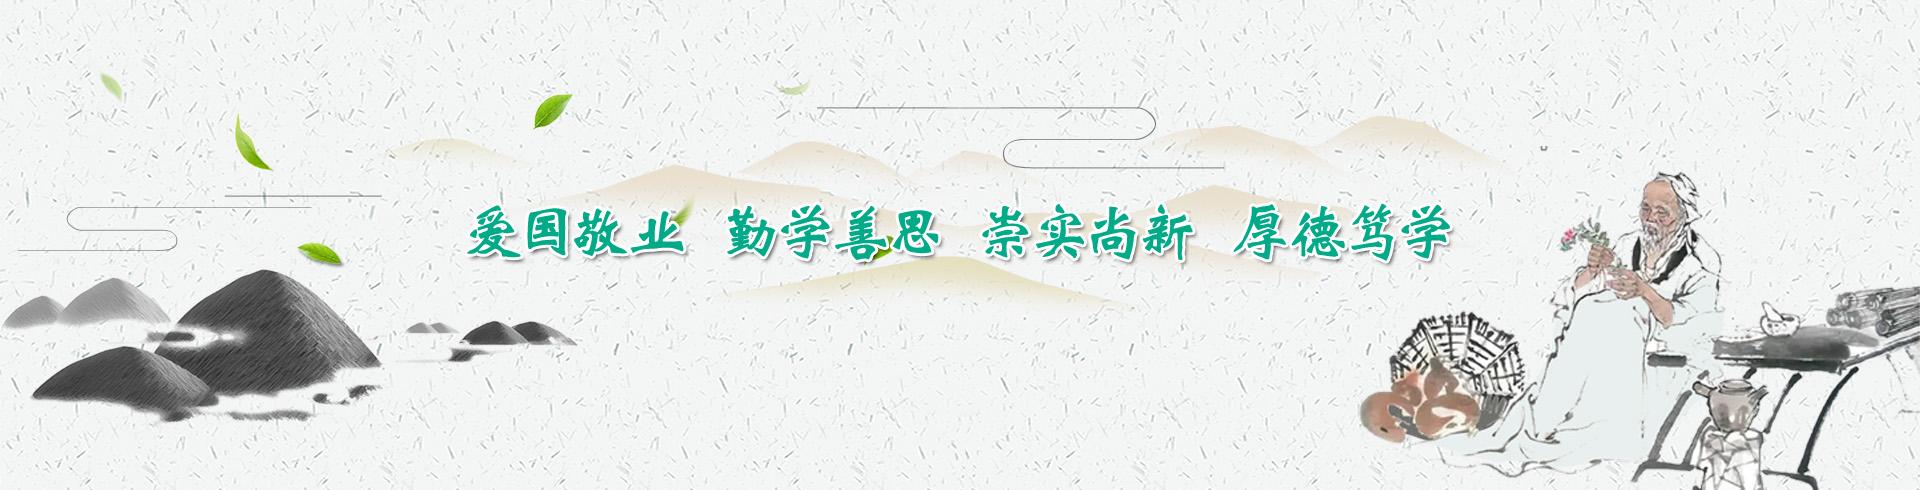 校训banner.png